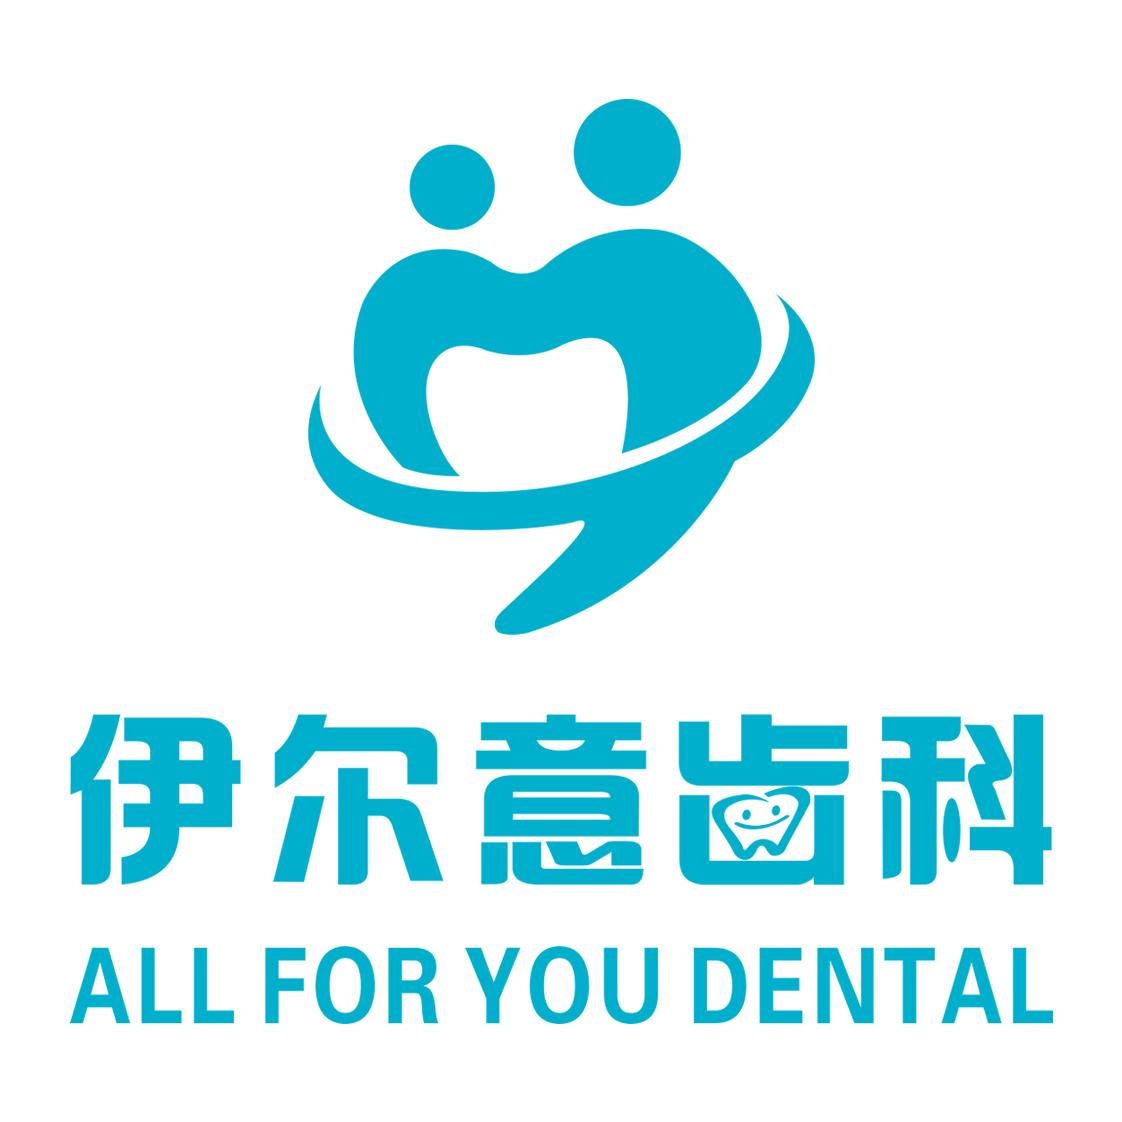 上海伊爾意口腔門診部有限公司